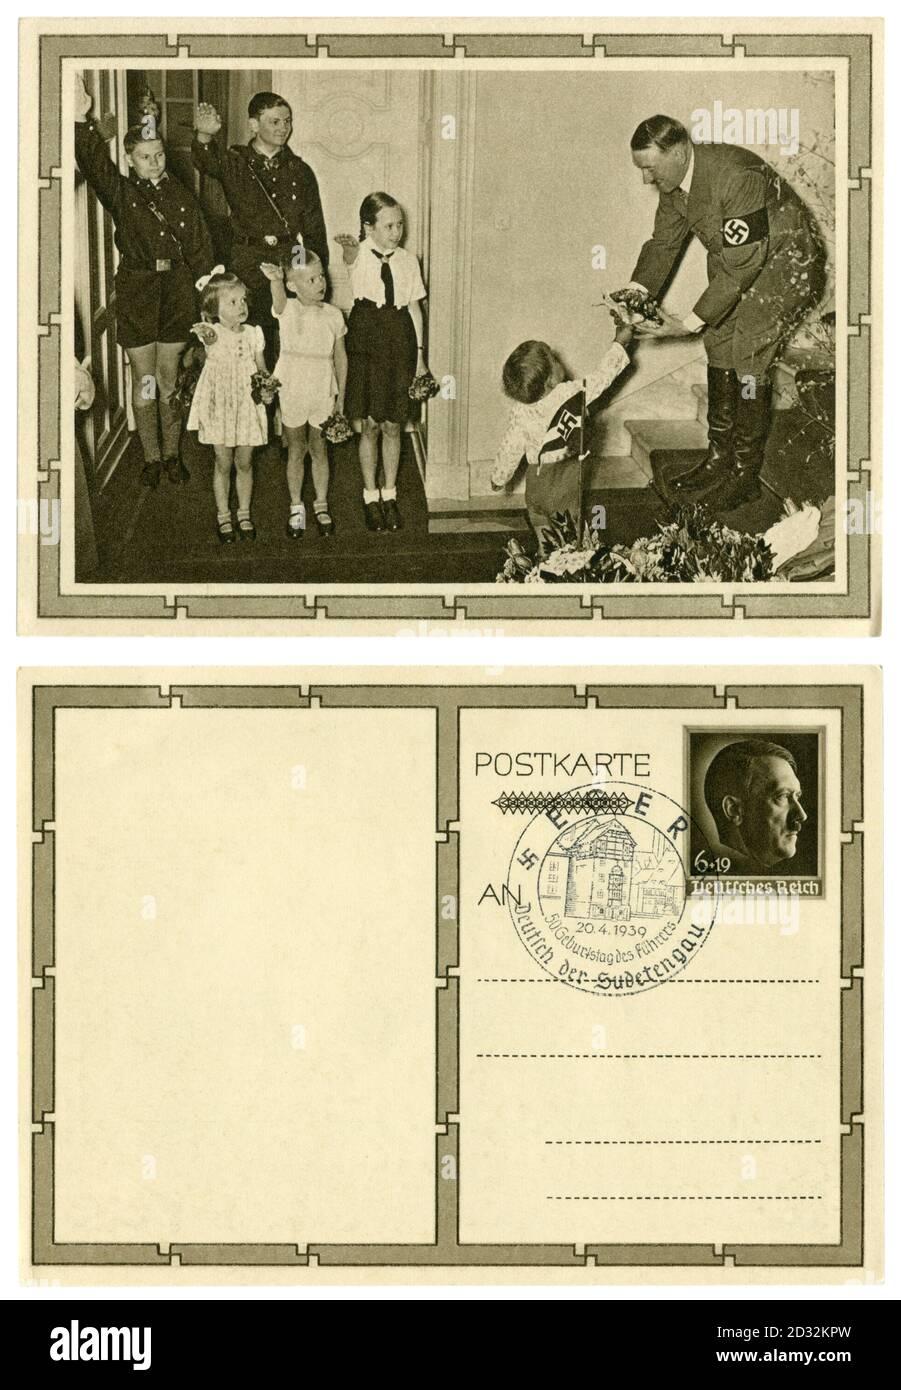 Carte postale historique allemande : 50e anniversaire d'Adolf Hitler. Il reçoit un bouquet de fleurs du plus jeune des 6 enfants de Goebbels, Allemagne, 1939 Banque D'Images